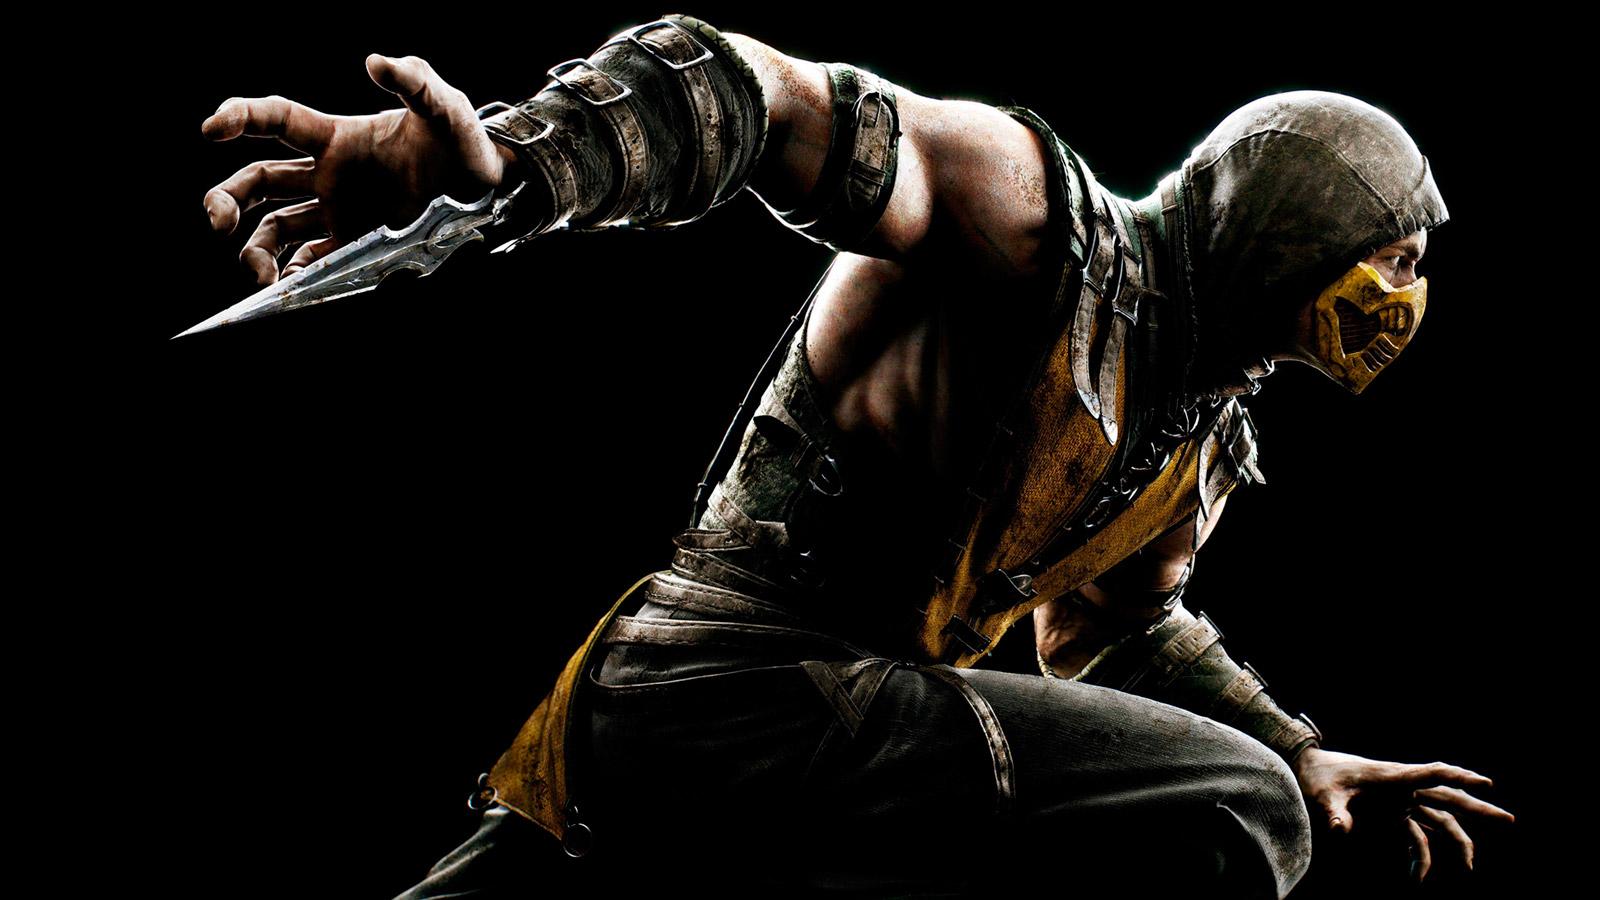 Free Mortal Kombat X Wallpaper in 1600x900